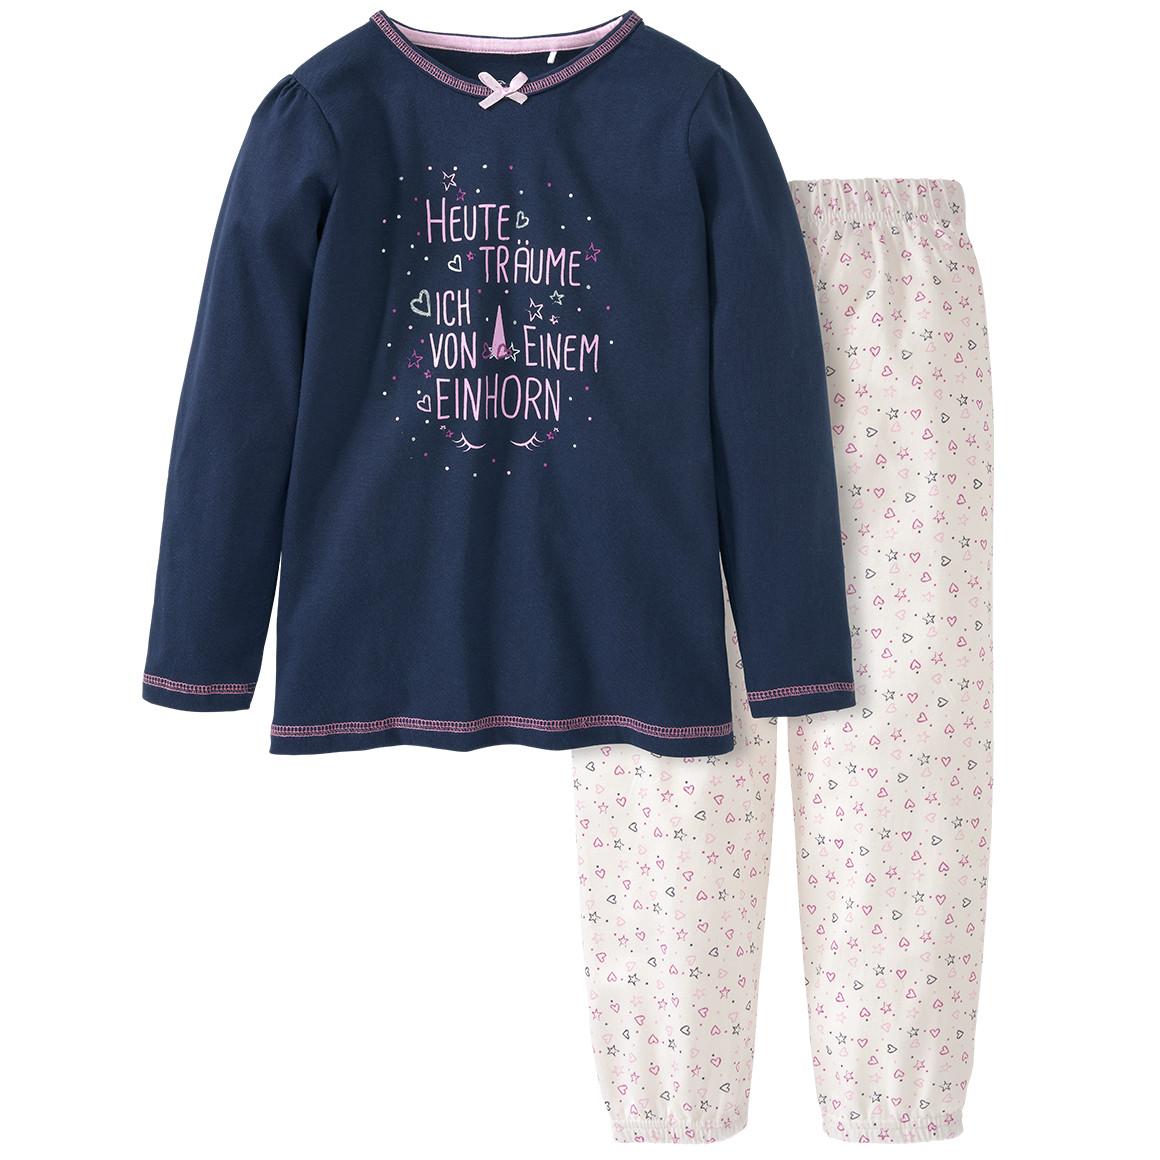 Minigirlwaeschenachtwaesche - Mädchen Schlafanzug mit Message Print - Onlineshop Ernstings family